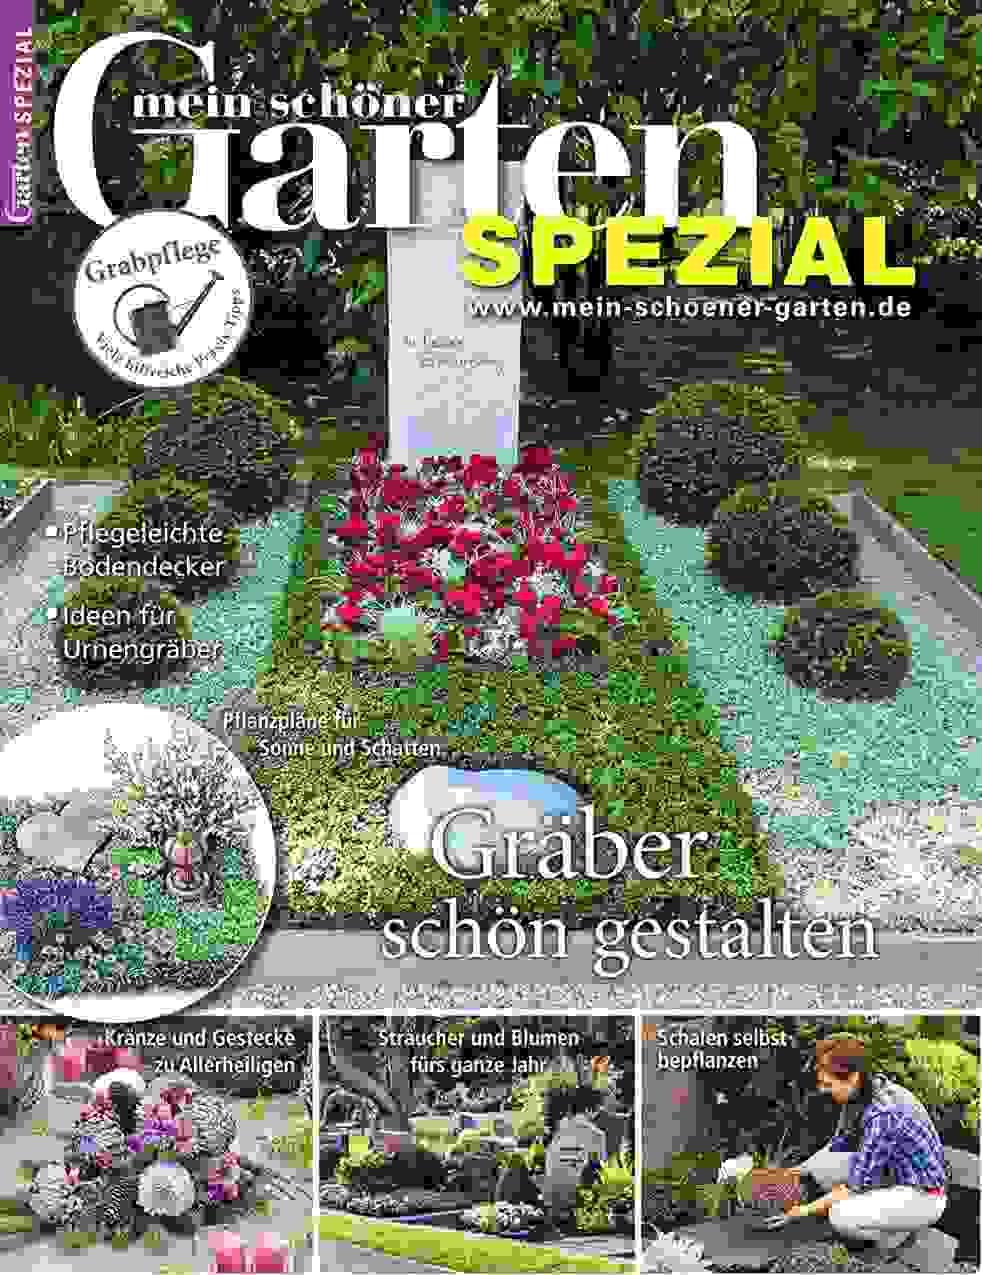 Fantastisch 40 Mein Schöner Garten Fotos Designideen von Gartenfotos Mein Schöner Garten Photo